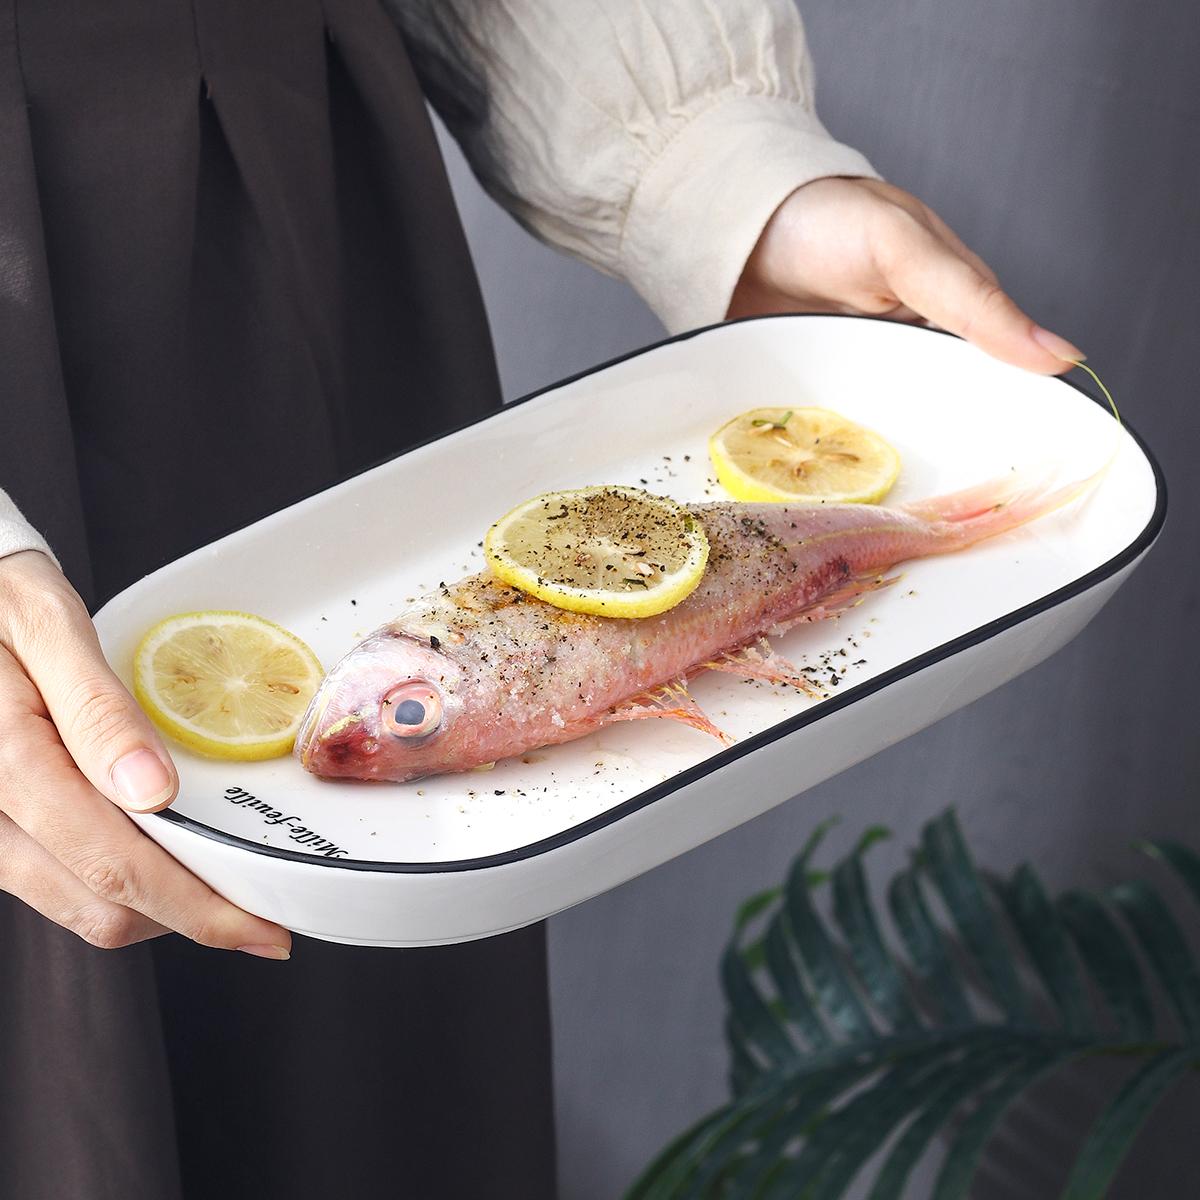 陶瓷鱼盘不规则椭圆形北欧大号蒸鱼盘子家用装鱼盘菜盘点心水果盘图片